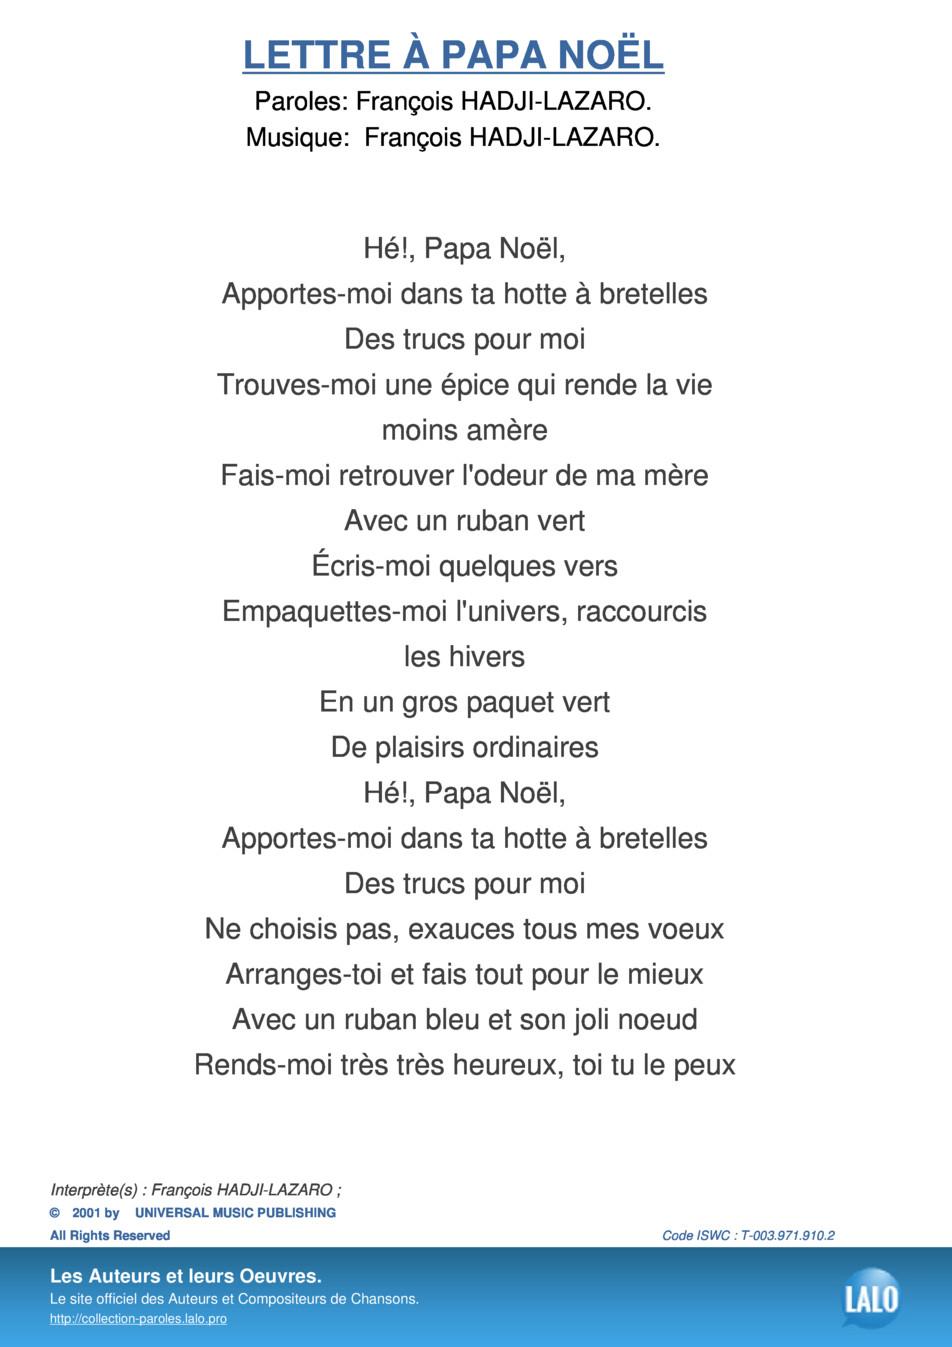 Paroles Et Musique De Lettre A Papa Noel François Hadji dedans Papa Noel Parole